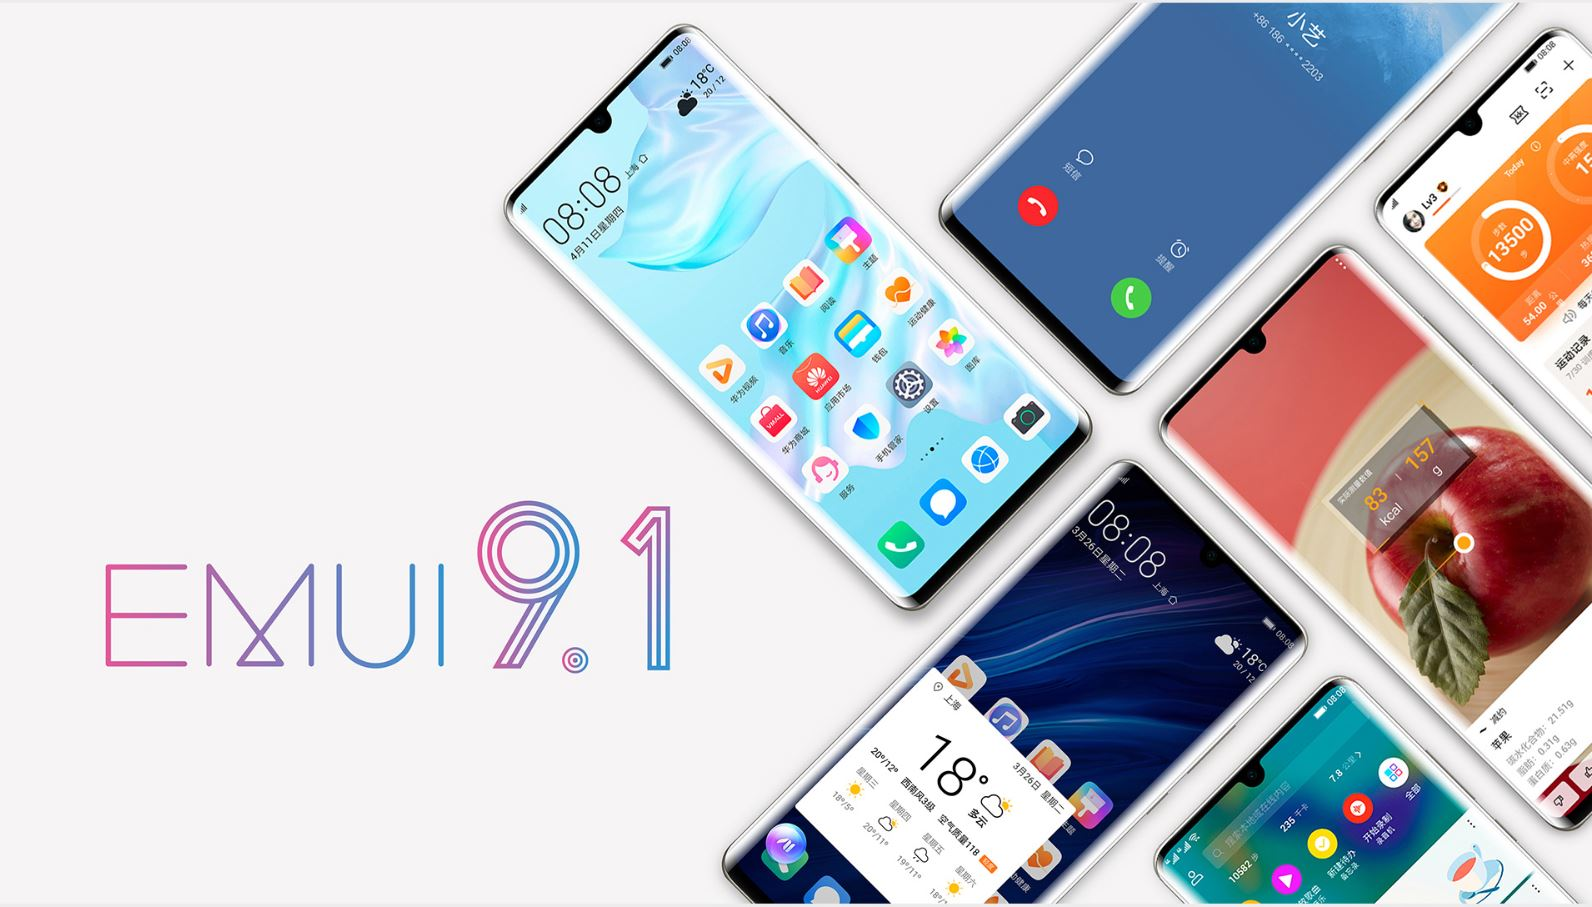 مميزات تحديث EMUI 9 1   وقائمة بالهواتف التي ستحصل عليه